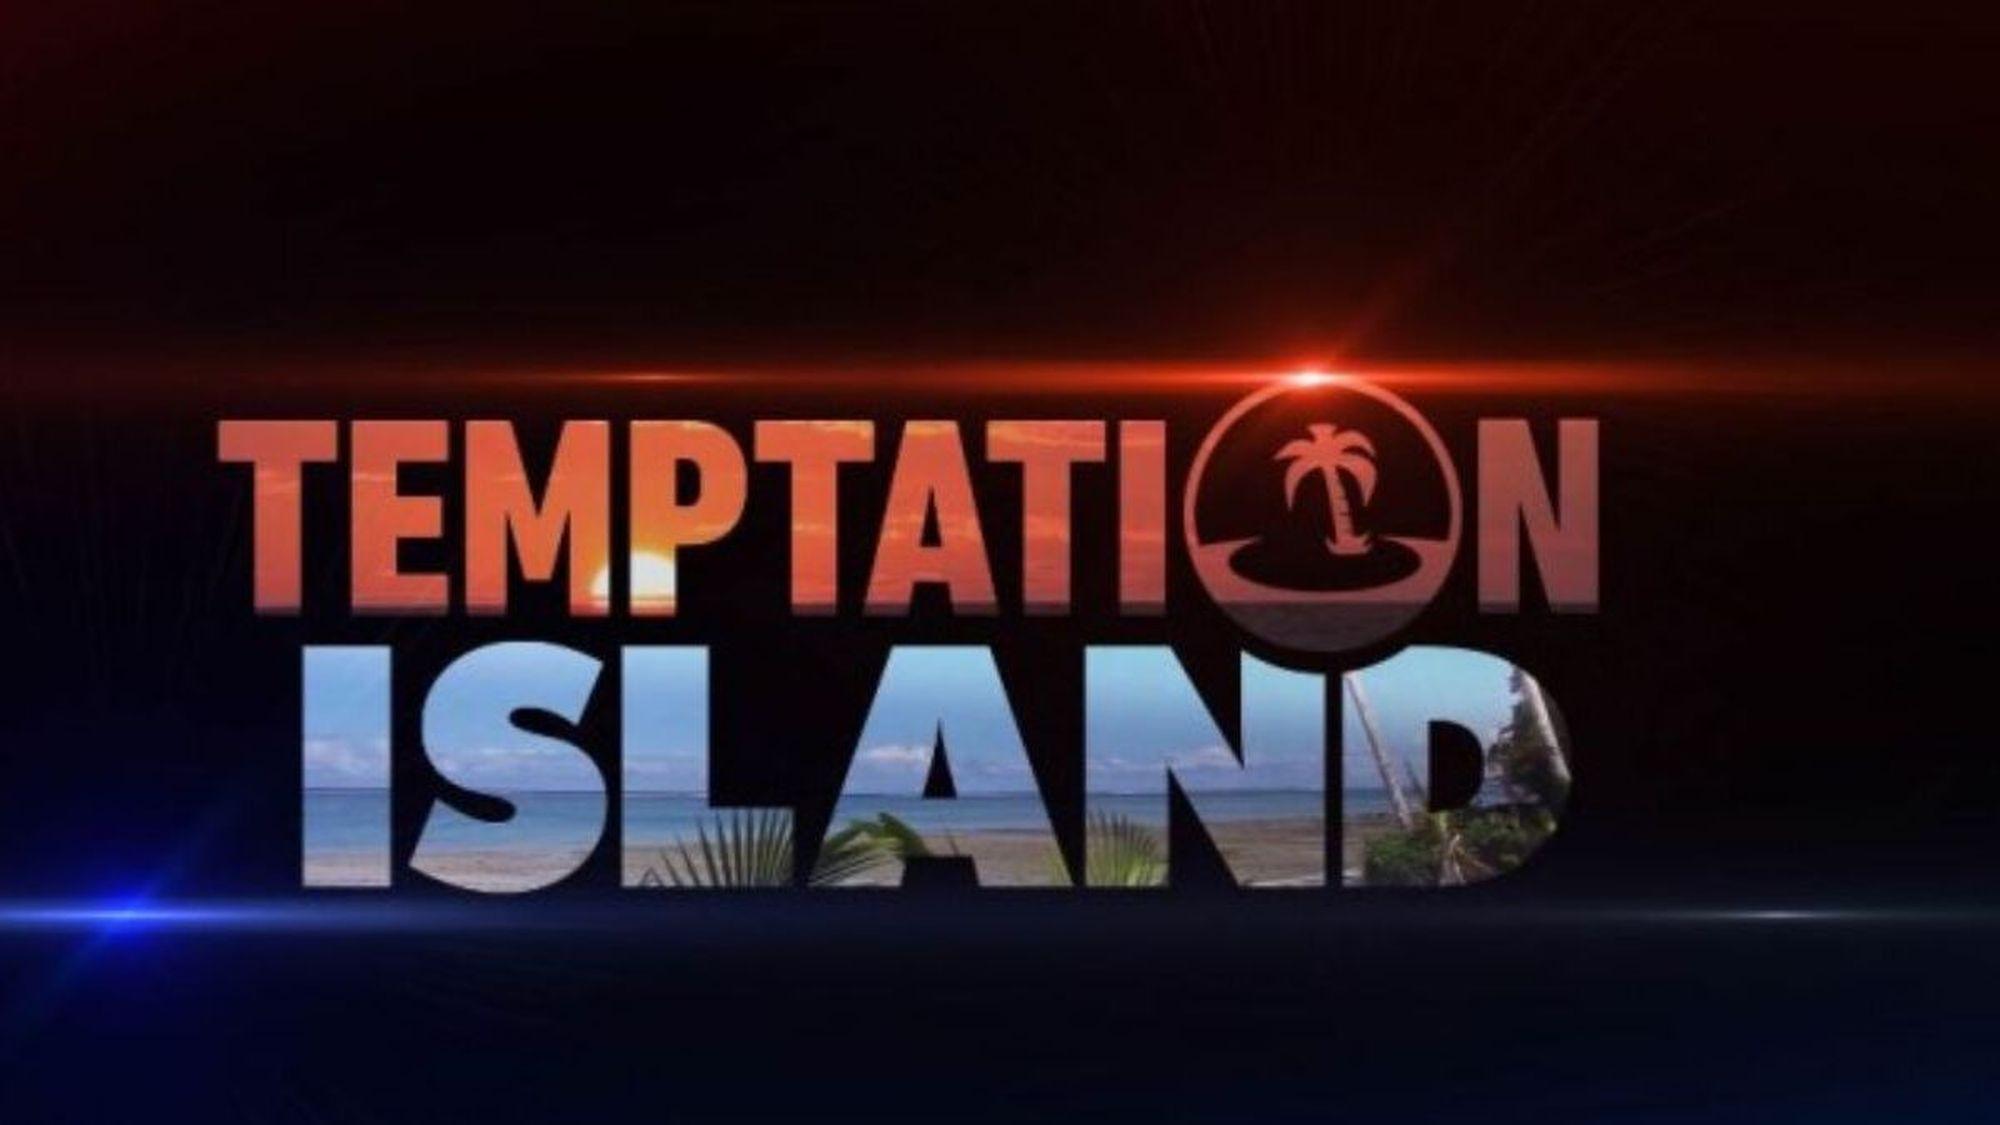 Temptation Island 2020 (bis): riassunto dell'ultima puntata